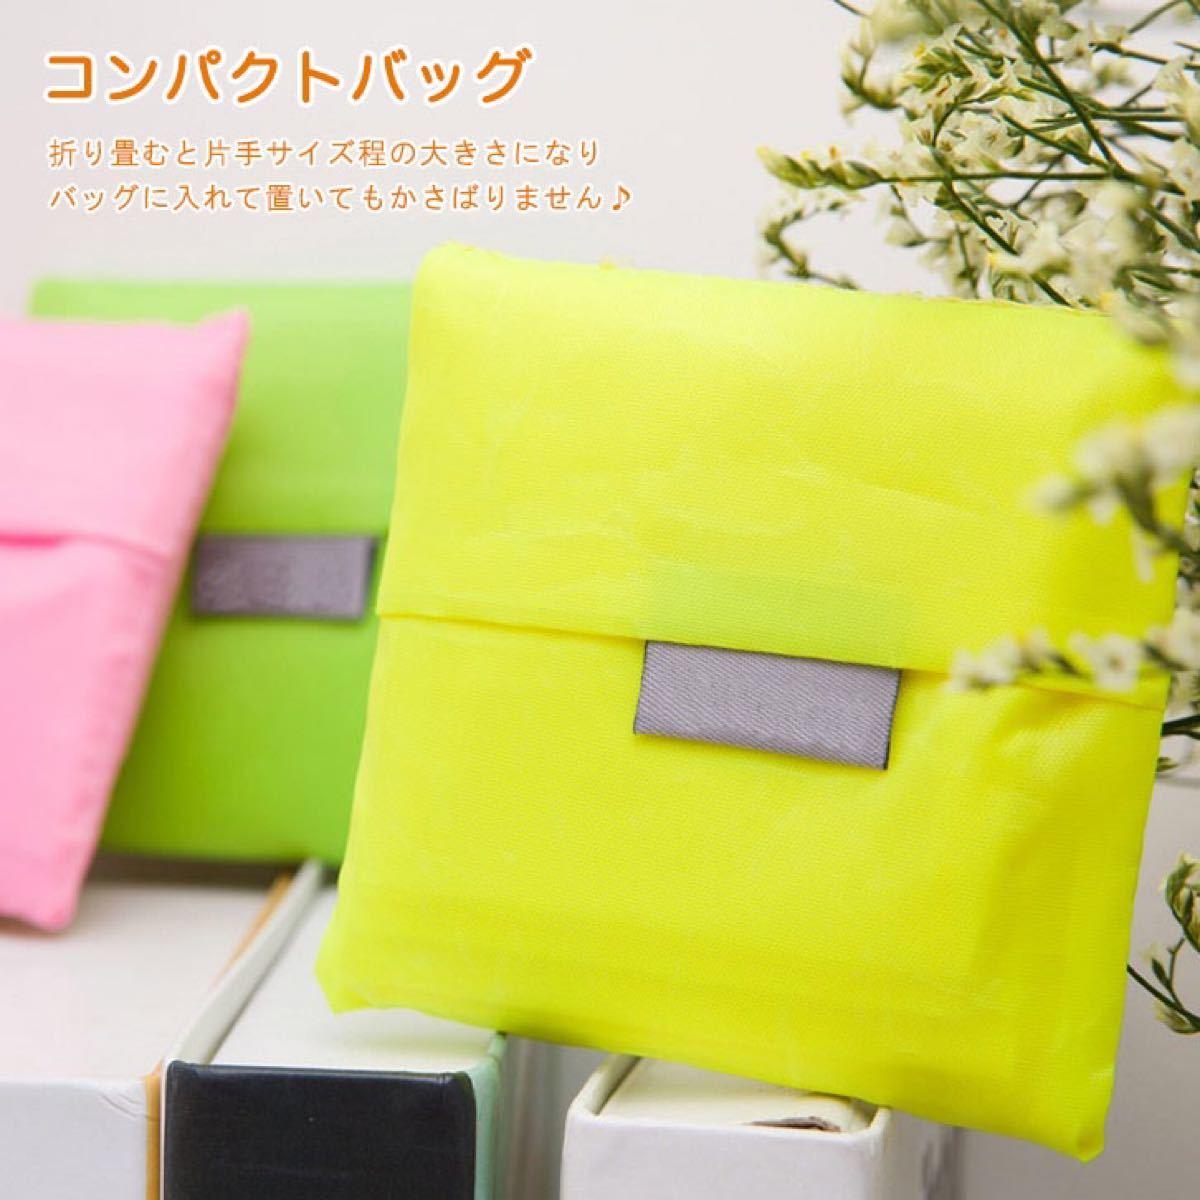 エコバッグ 折りたたみ式ショッピングバッグ マザーズバッグ 買い物袋 サブバッグトートバッグ レディース ポータブルショッピング